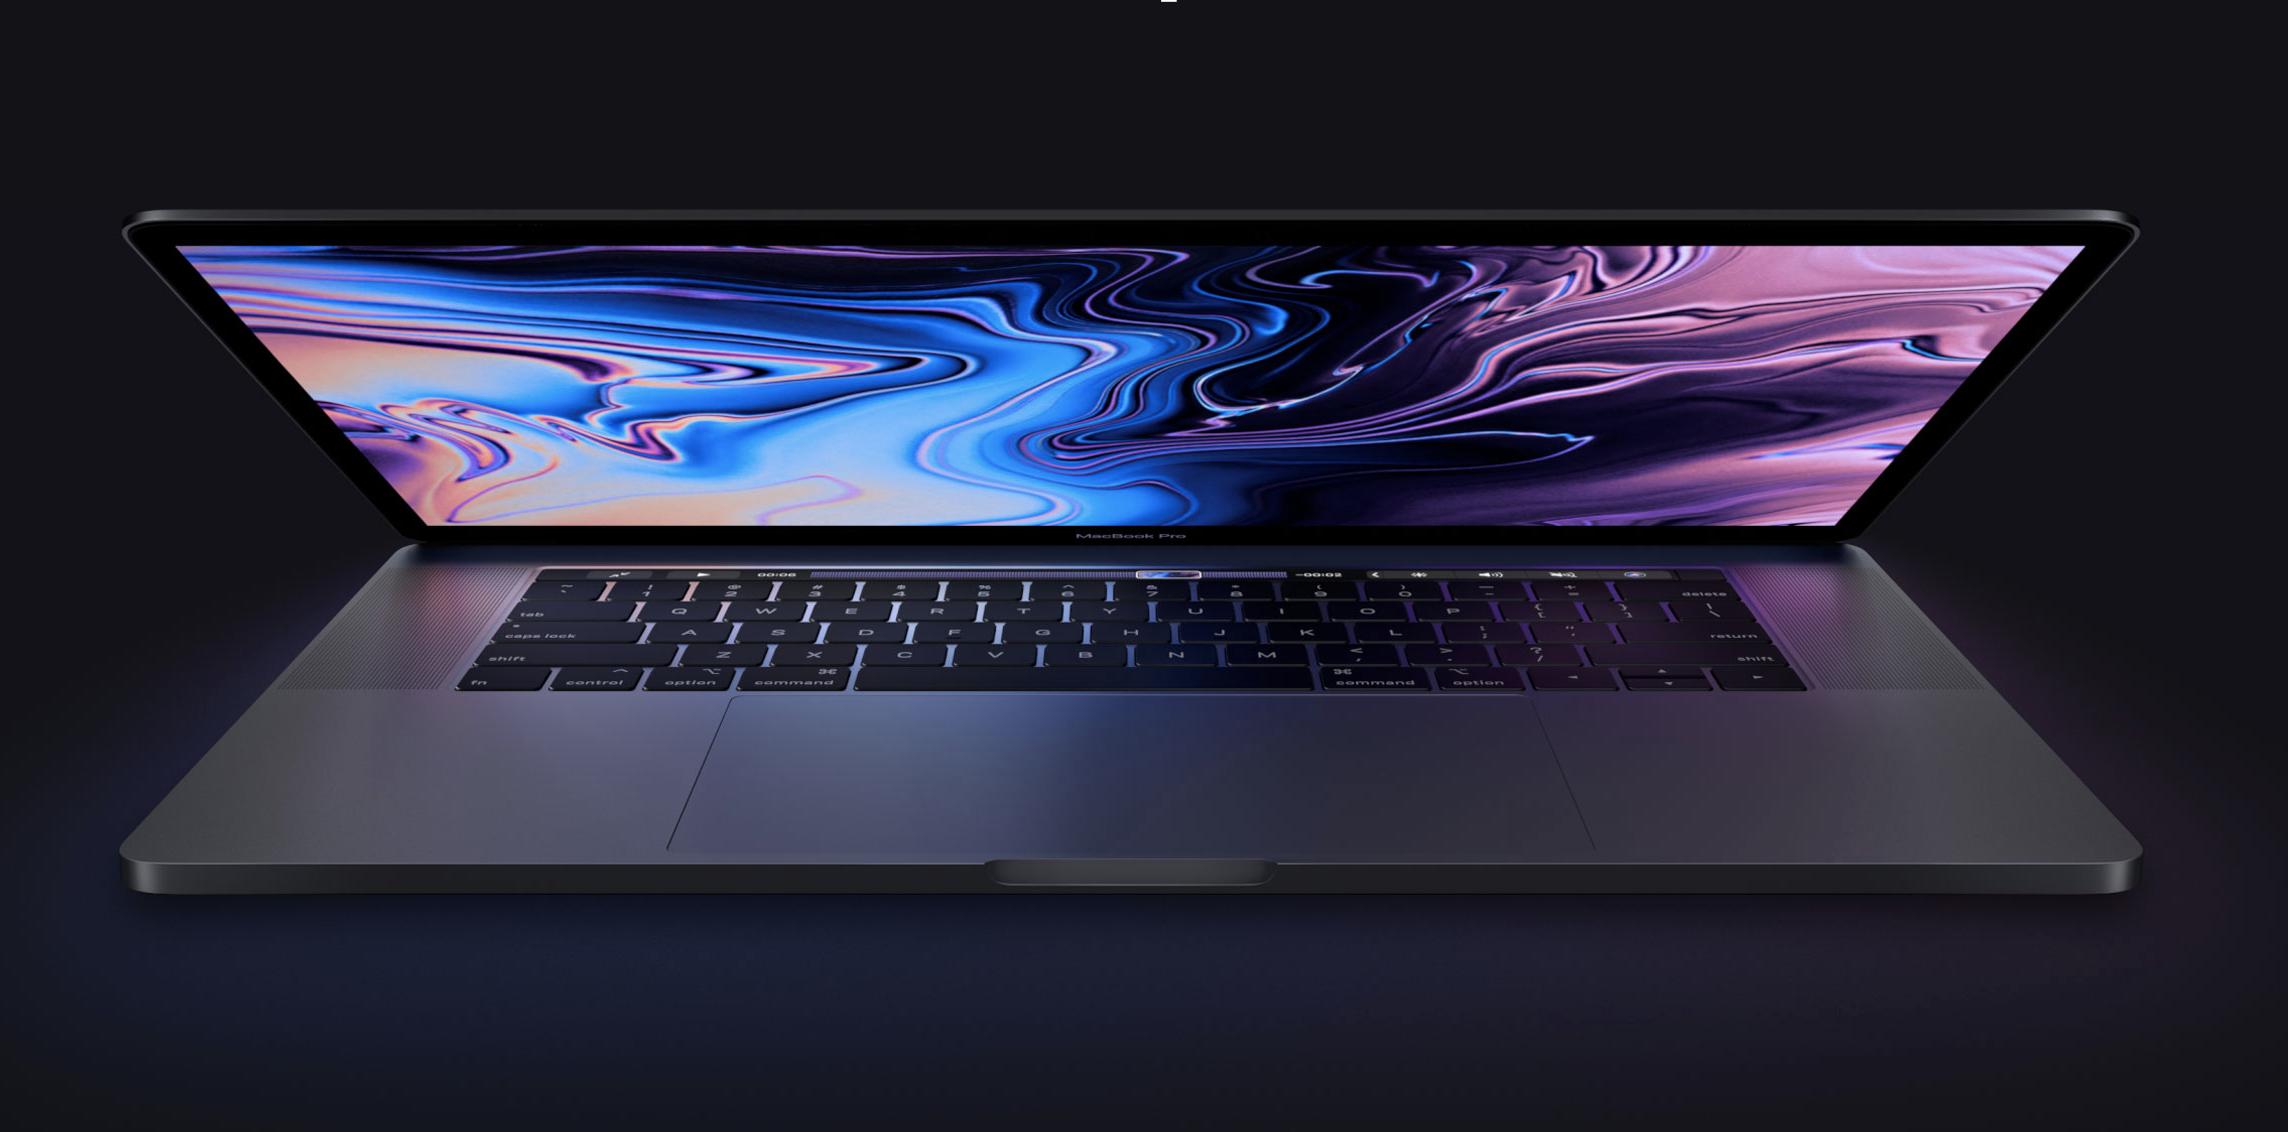 Clavier des nouveaux MacBook : une membrane silicone réduit le bruit et ... les poussières bloquantes ? 1